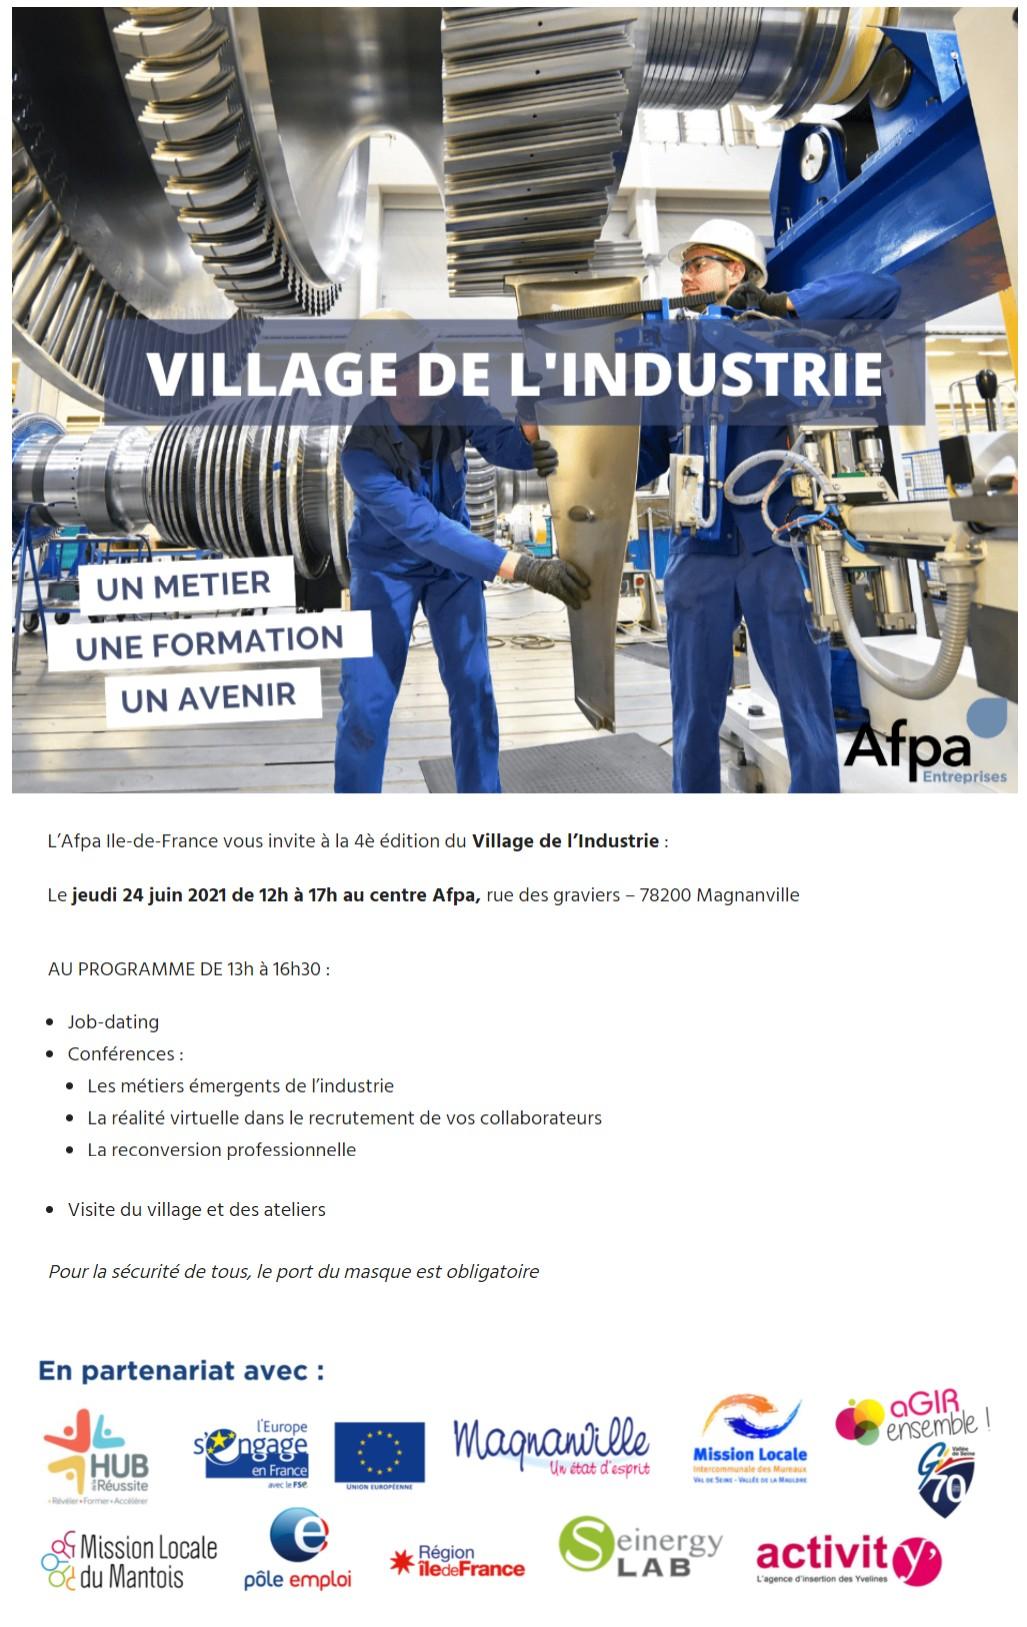 Invitation à la 4è édition du Village de l'Industrie de l'AFPA du 24 juin